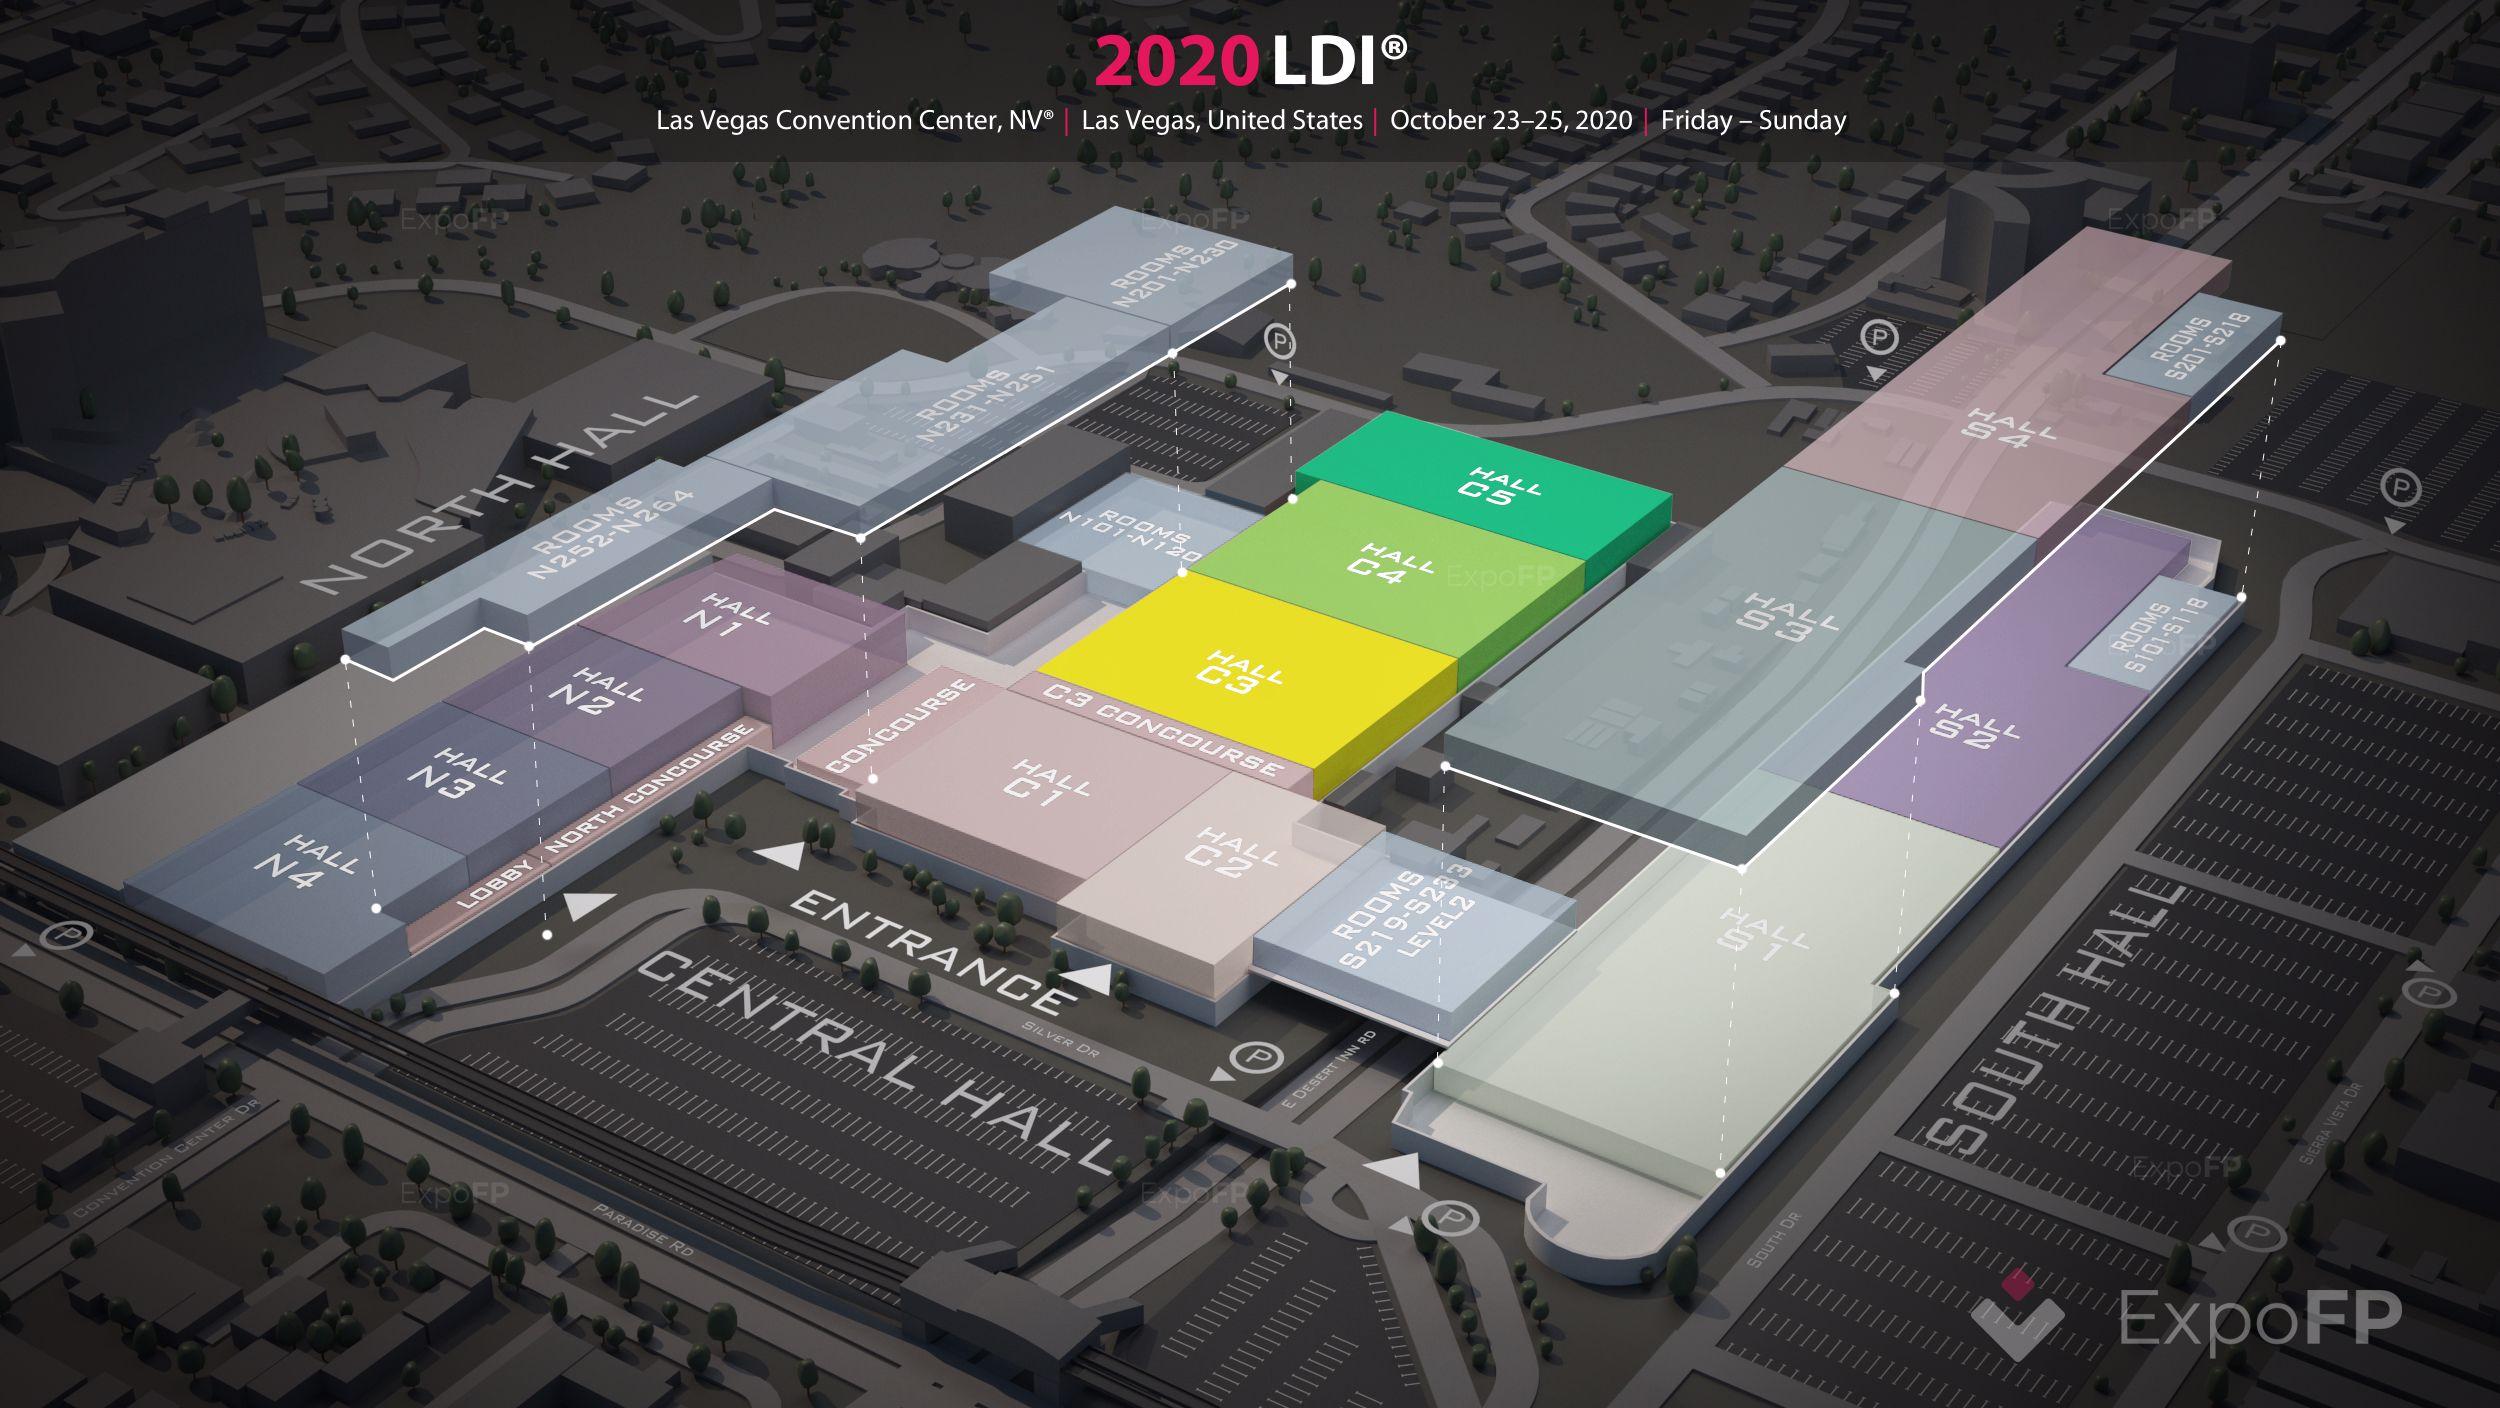 Ldi 2020 3d floor plan